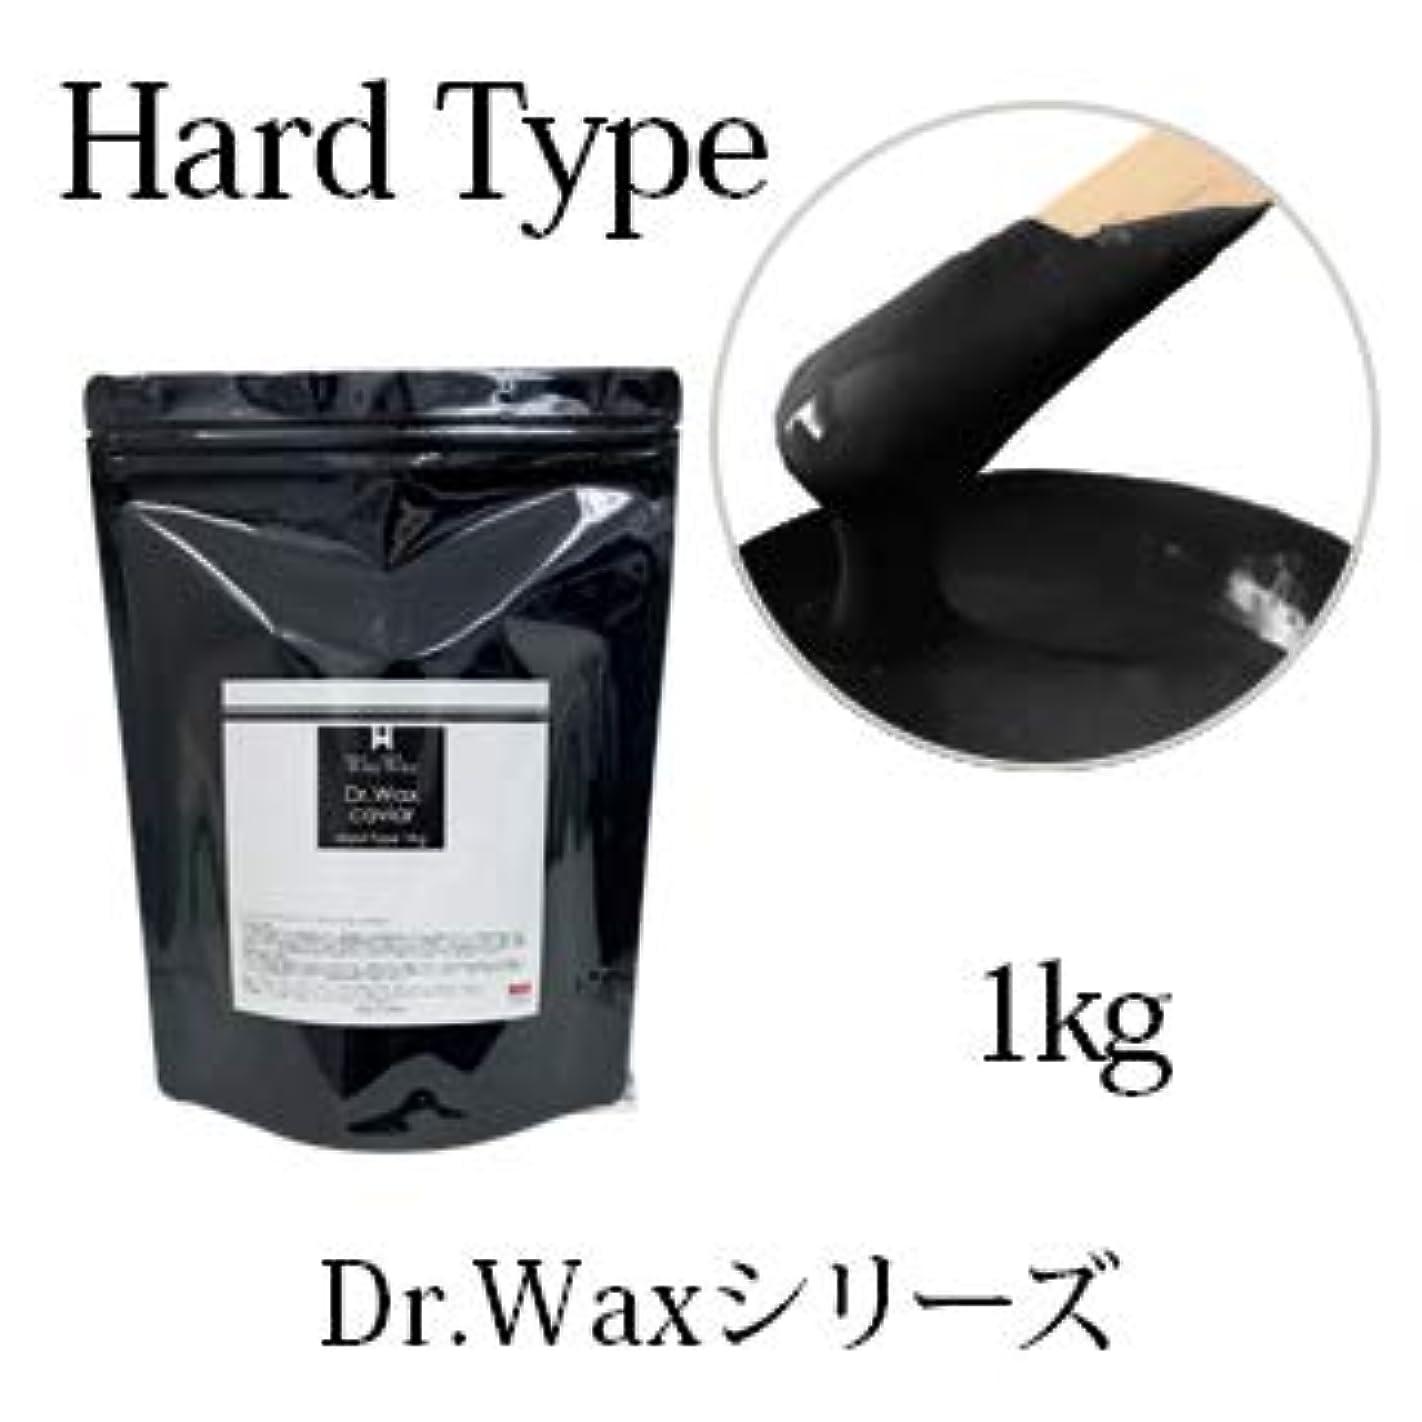 特権スリム優雅【Dr.waxシリーズ】ワックス脱毛 粒タイプ 紙を使用しない ハードワックス (キャビア 1kg)